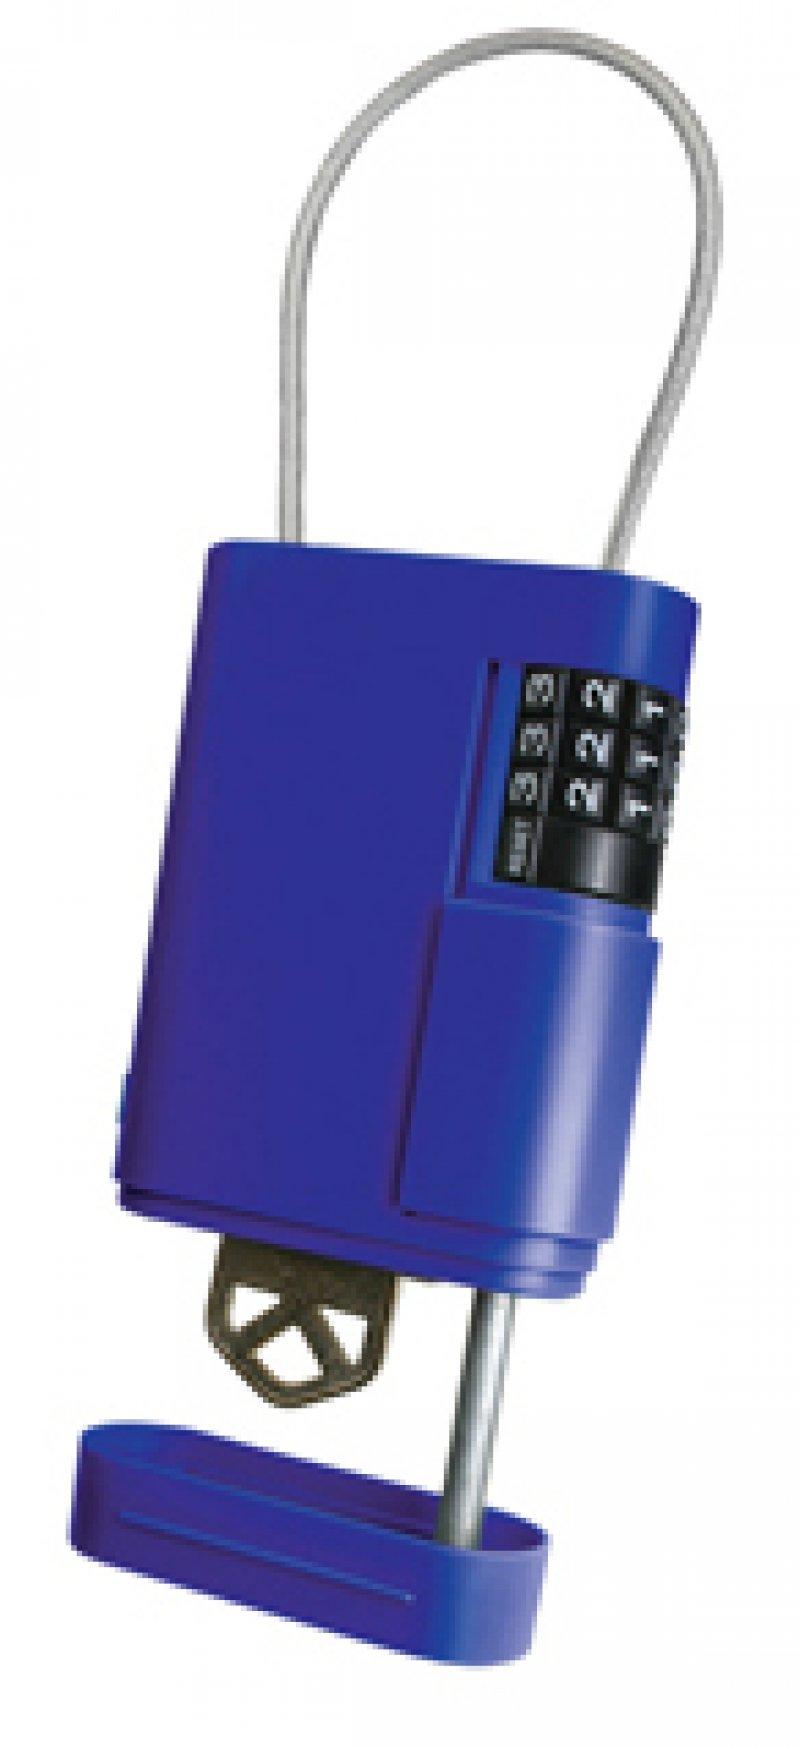 Guarda llave de plástico con cable de fijación por combinación. Kidde Portable Stor-a-key